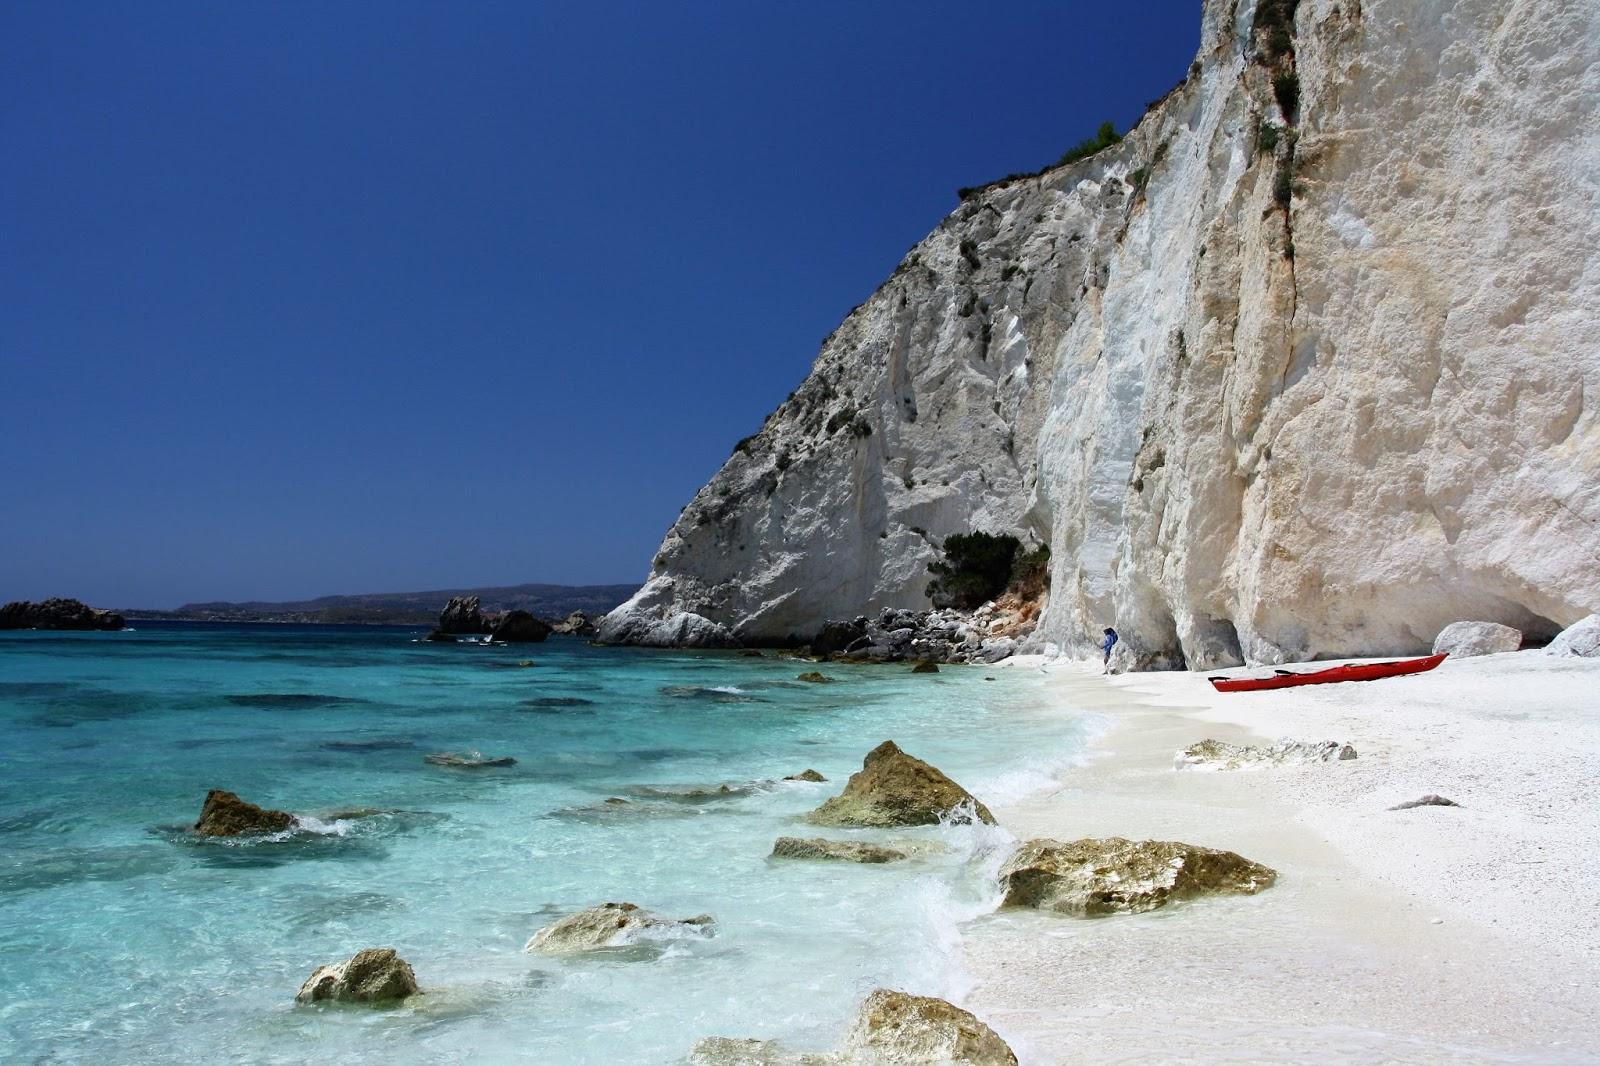 Zeekajakken Ionische zee Kefalonia